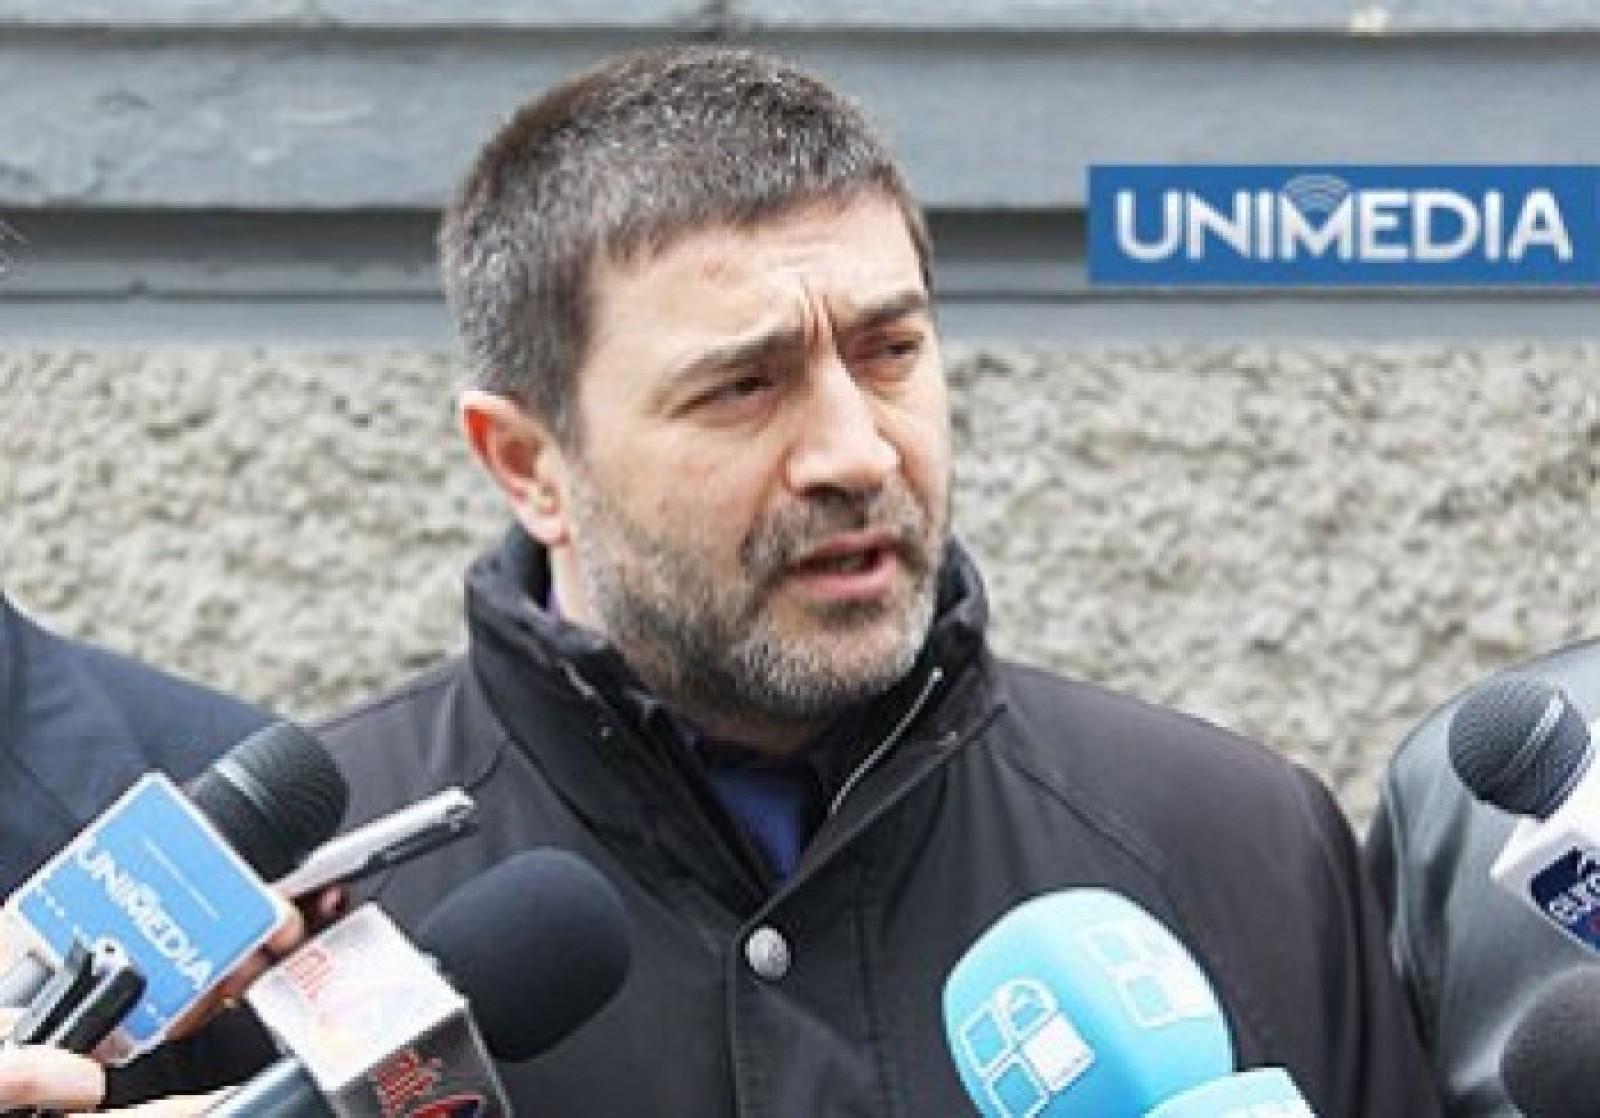 Dosar penal pe numele lui Iurie Roșca, deschis de Procuratura Anticorupție: Este bănuit de trafic de influență